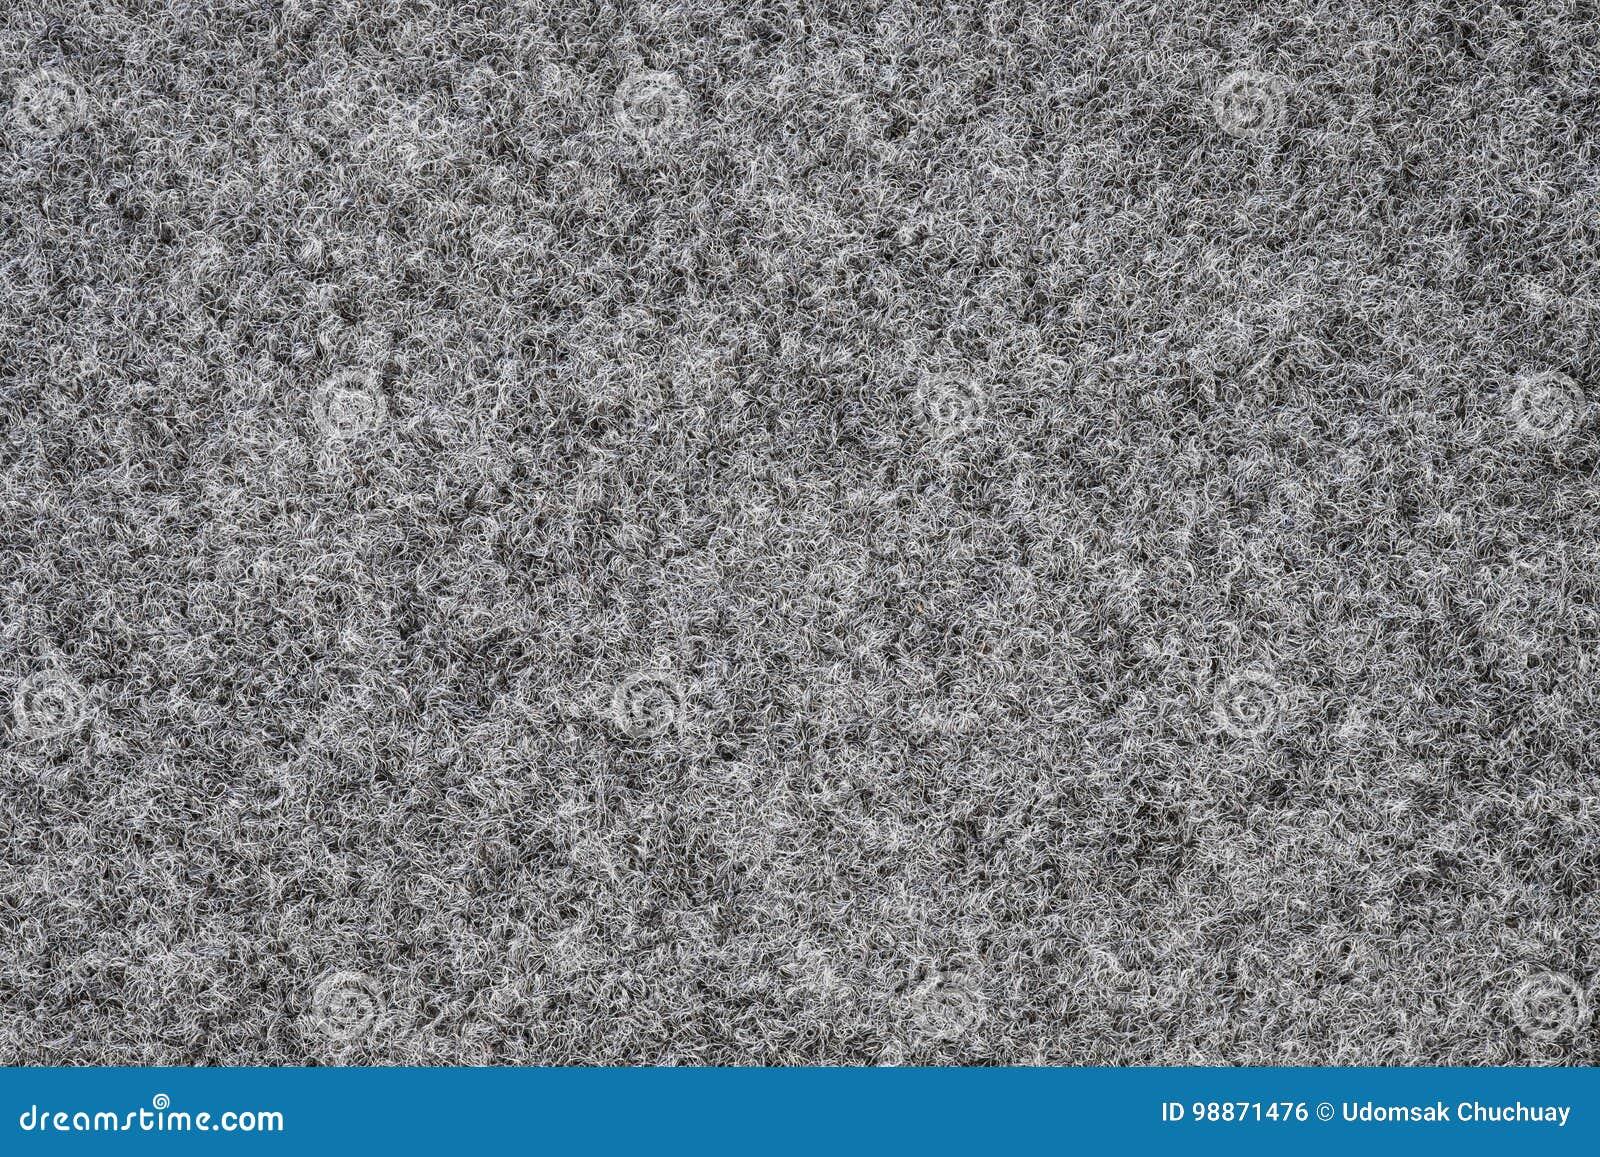 Der Graue Bodenteppich Ist Der Hintergrund Stockfoto Bild Von